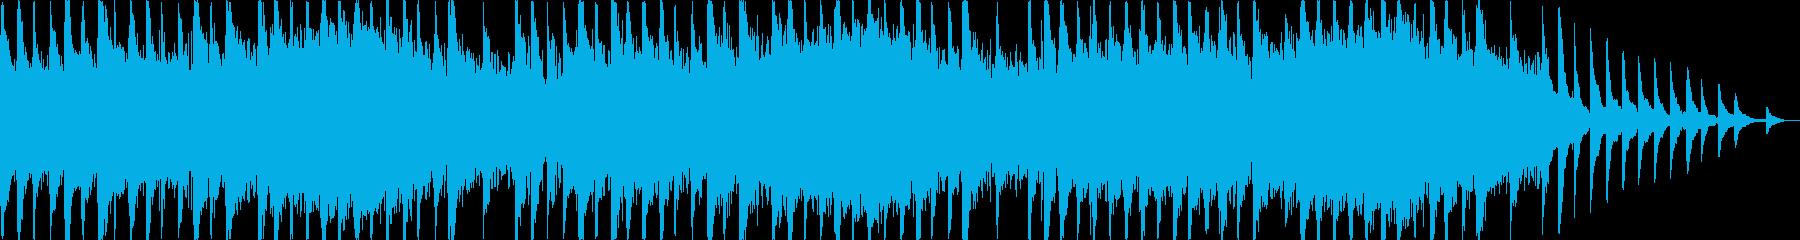 ピアノメインのホラー系BGMの再生済みの波形